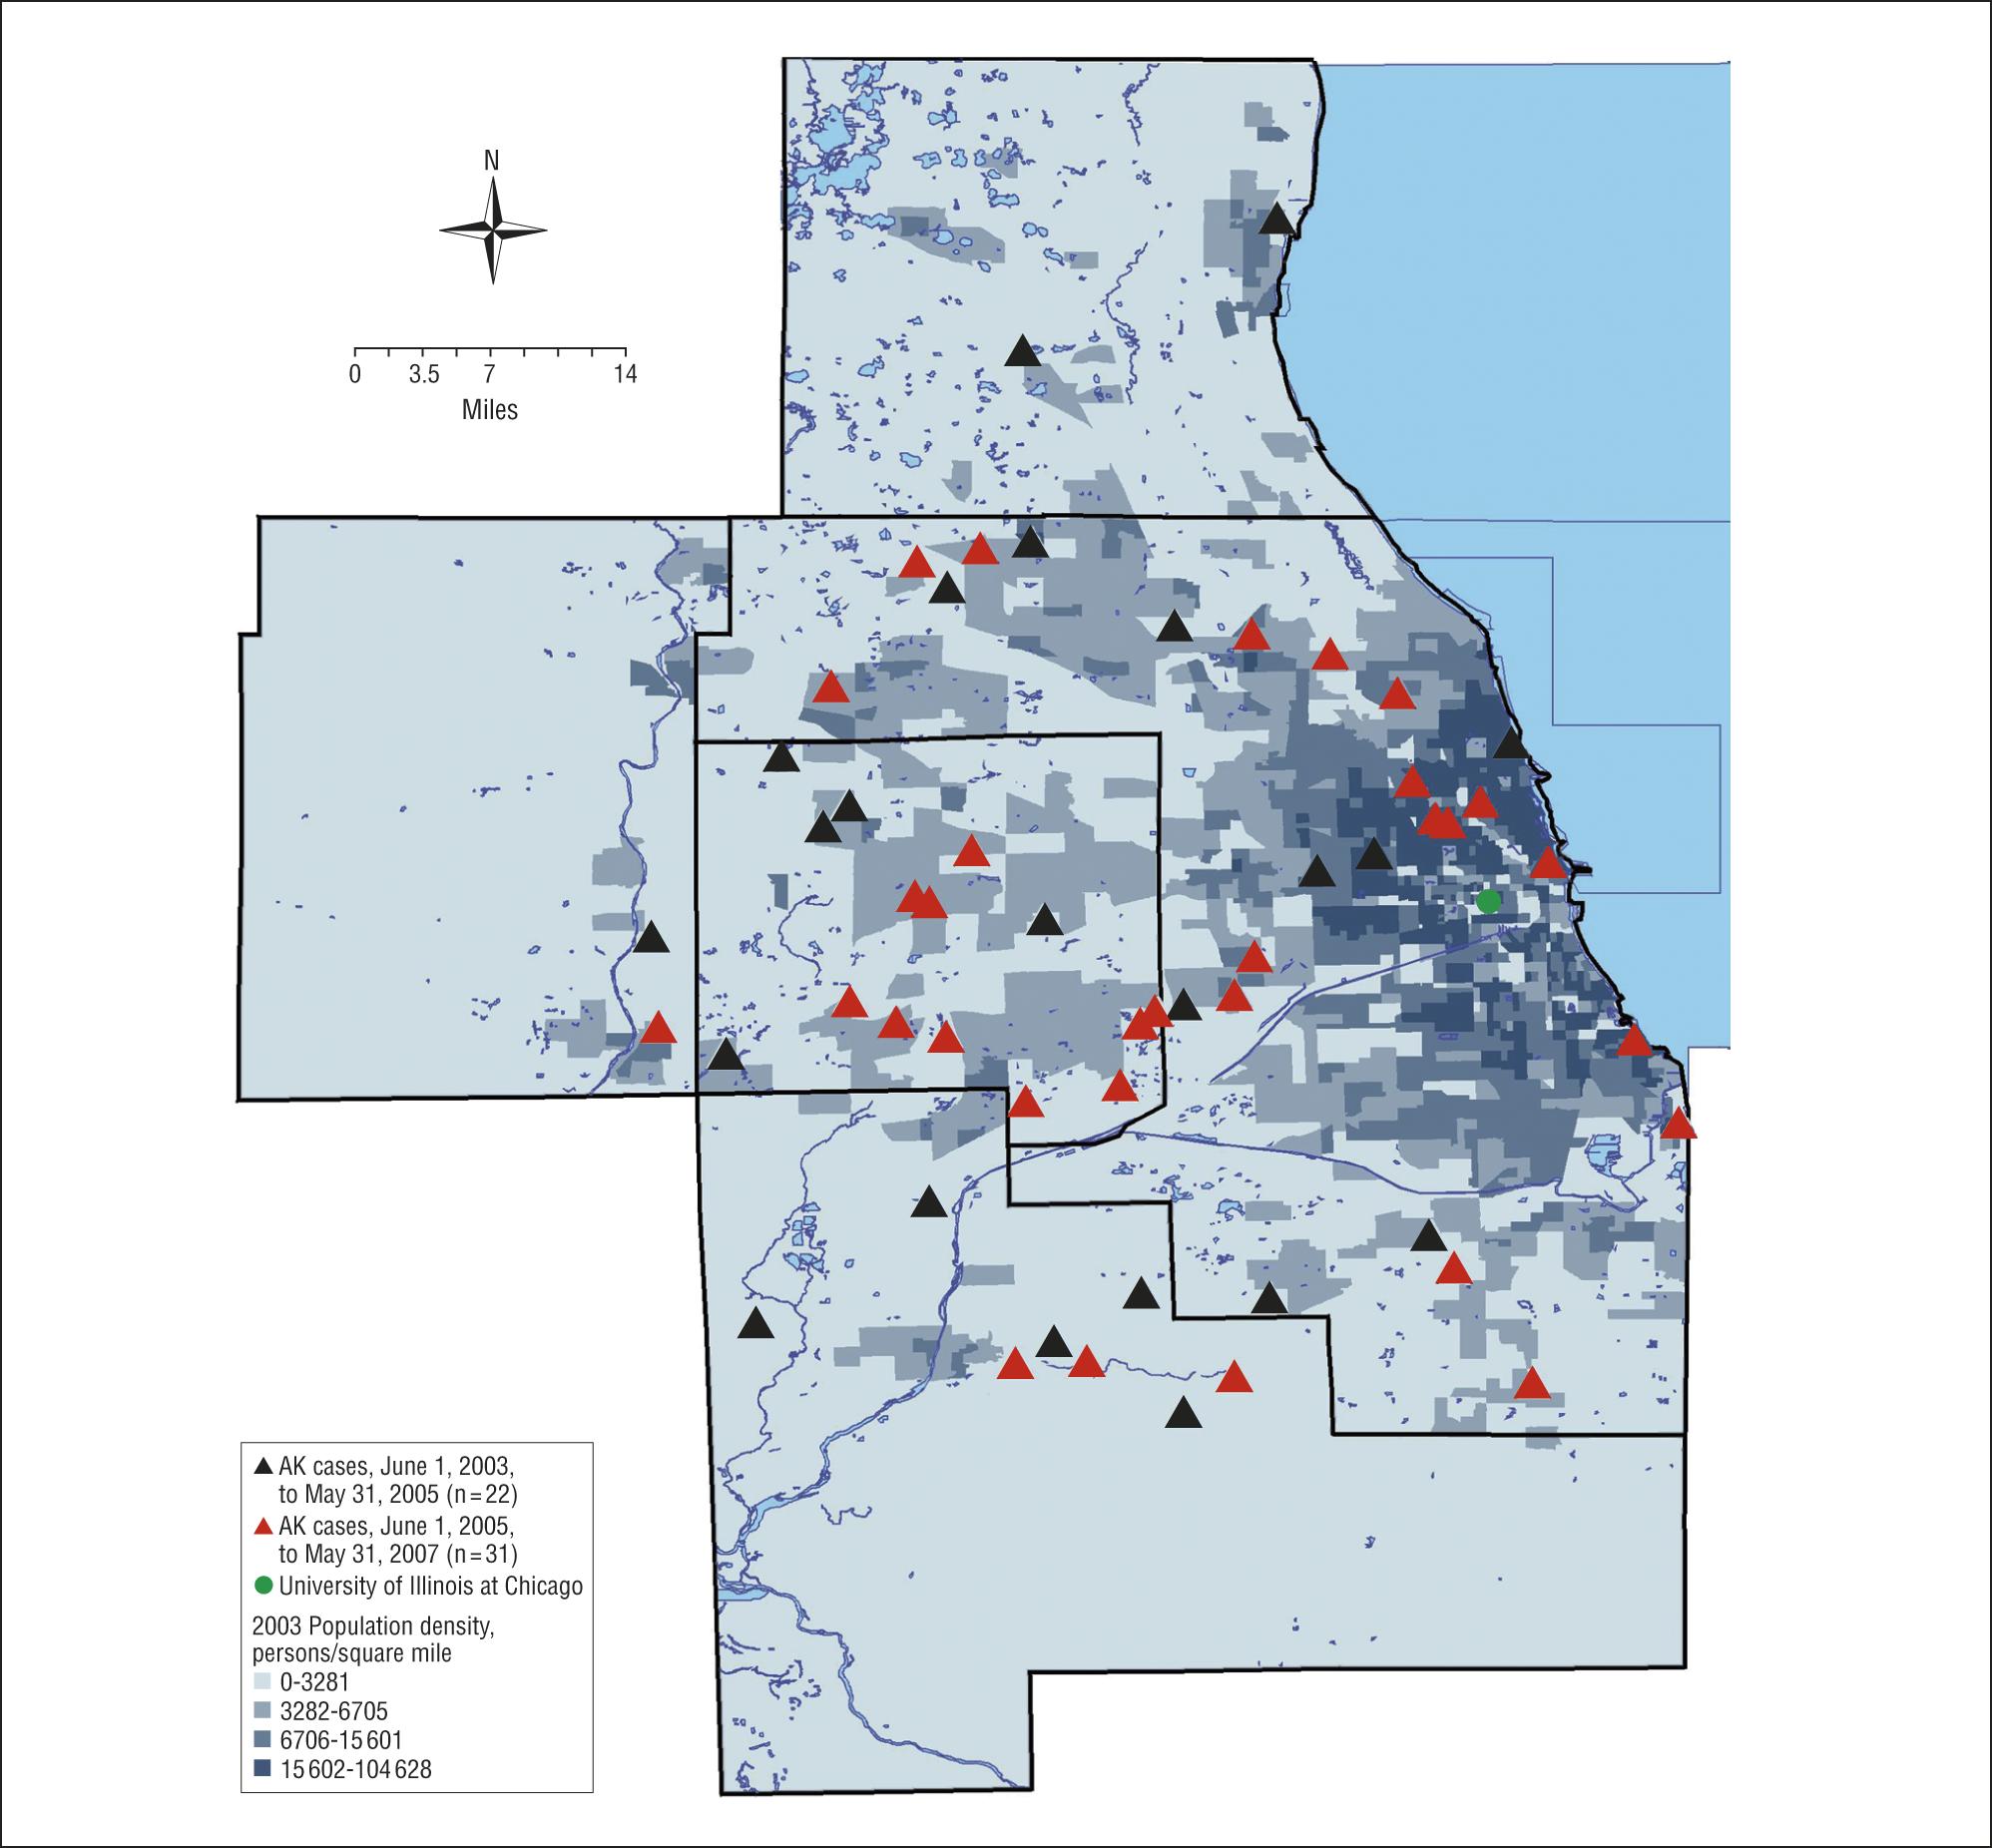 Shifting Distribution of Chicago-Area Acanthamoeba Keratitis Cases ...